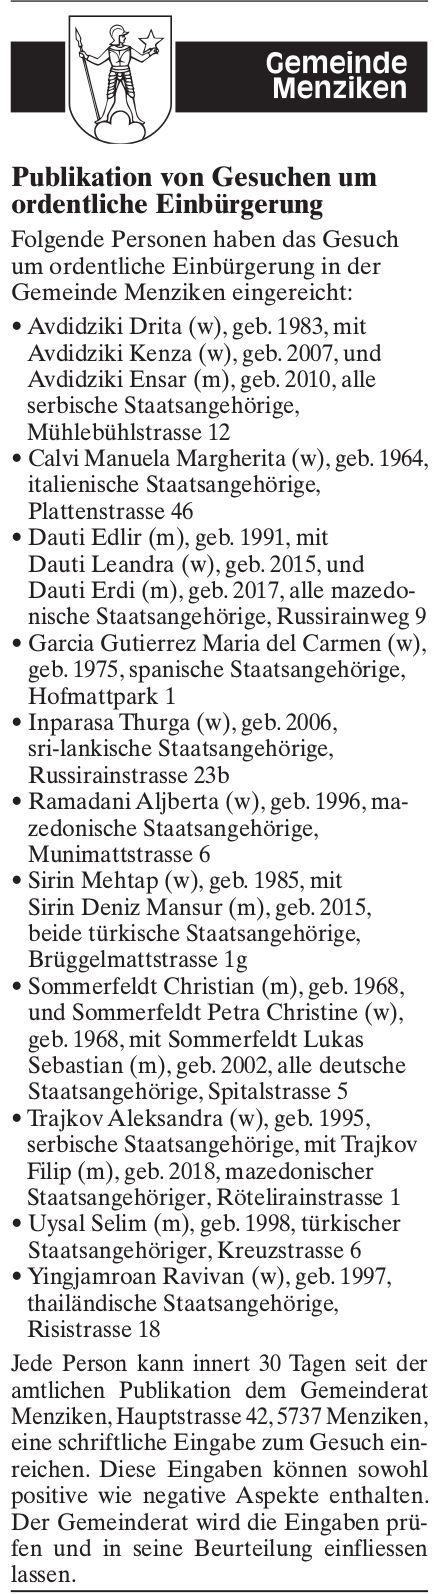 Publikation von Gesuchen um ordentliche Einbürgerung, Menziken